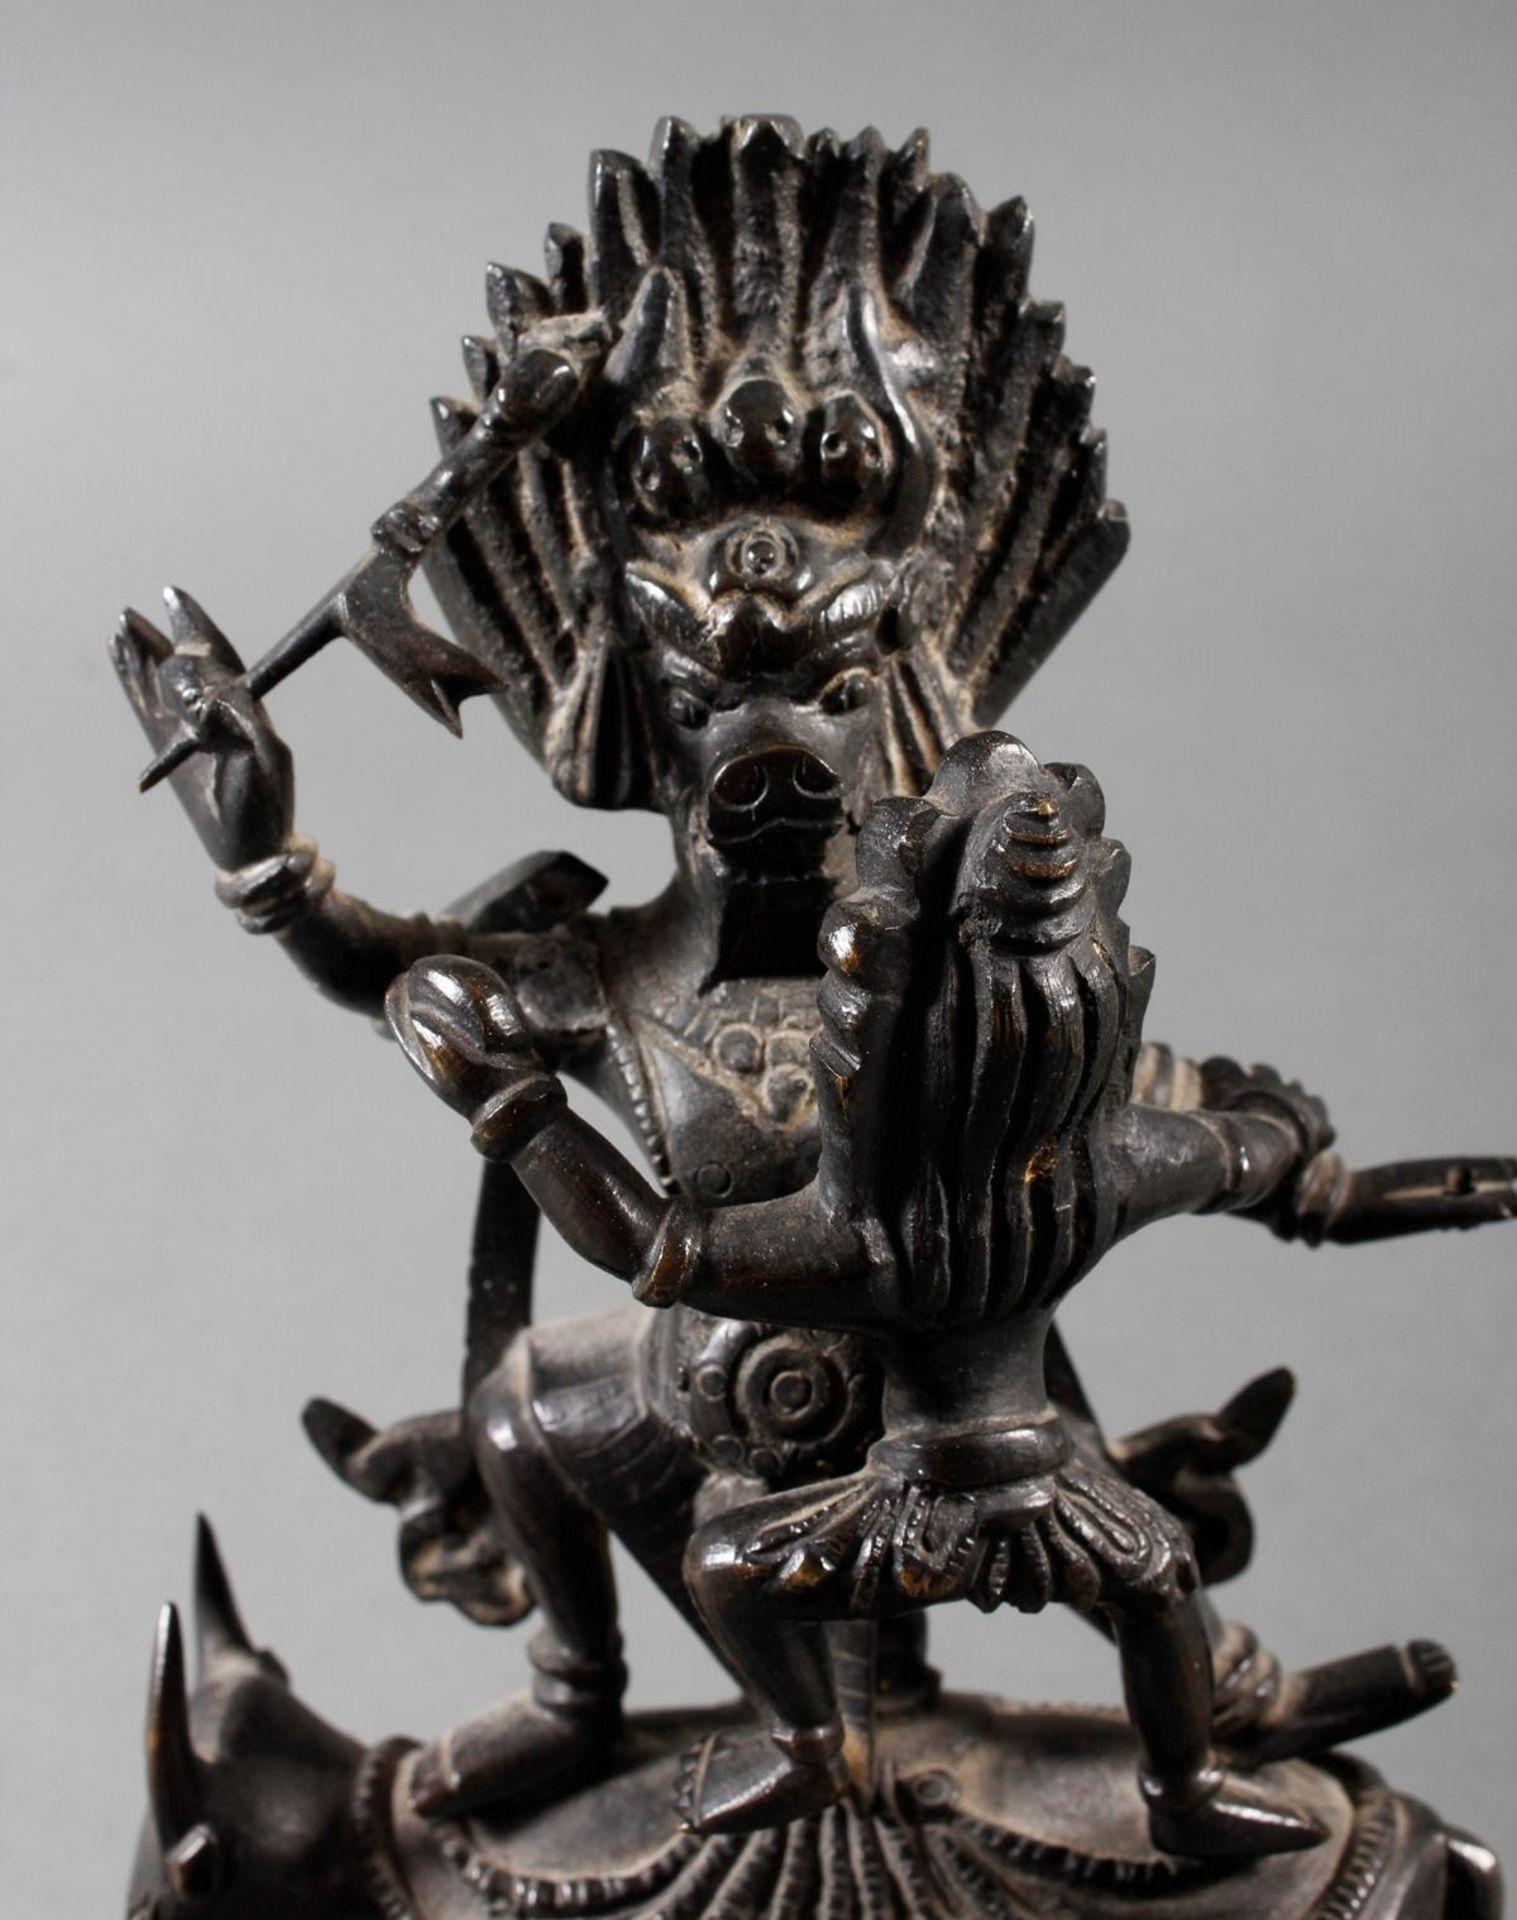 Bronzeskulptur Mahakala, Tibetanische Gottheit, 18./19. Jahrhundert - Bild 6 aus 7